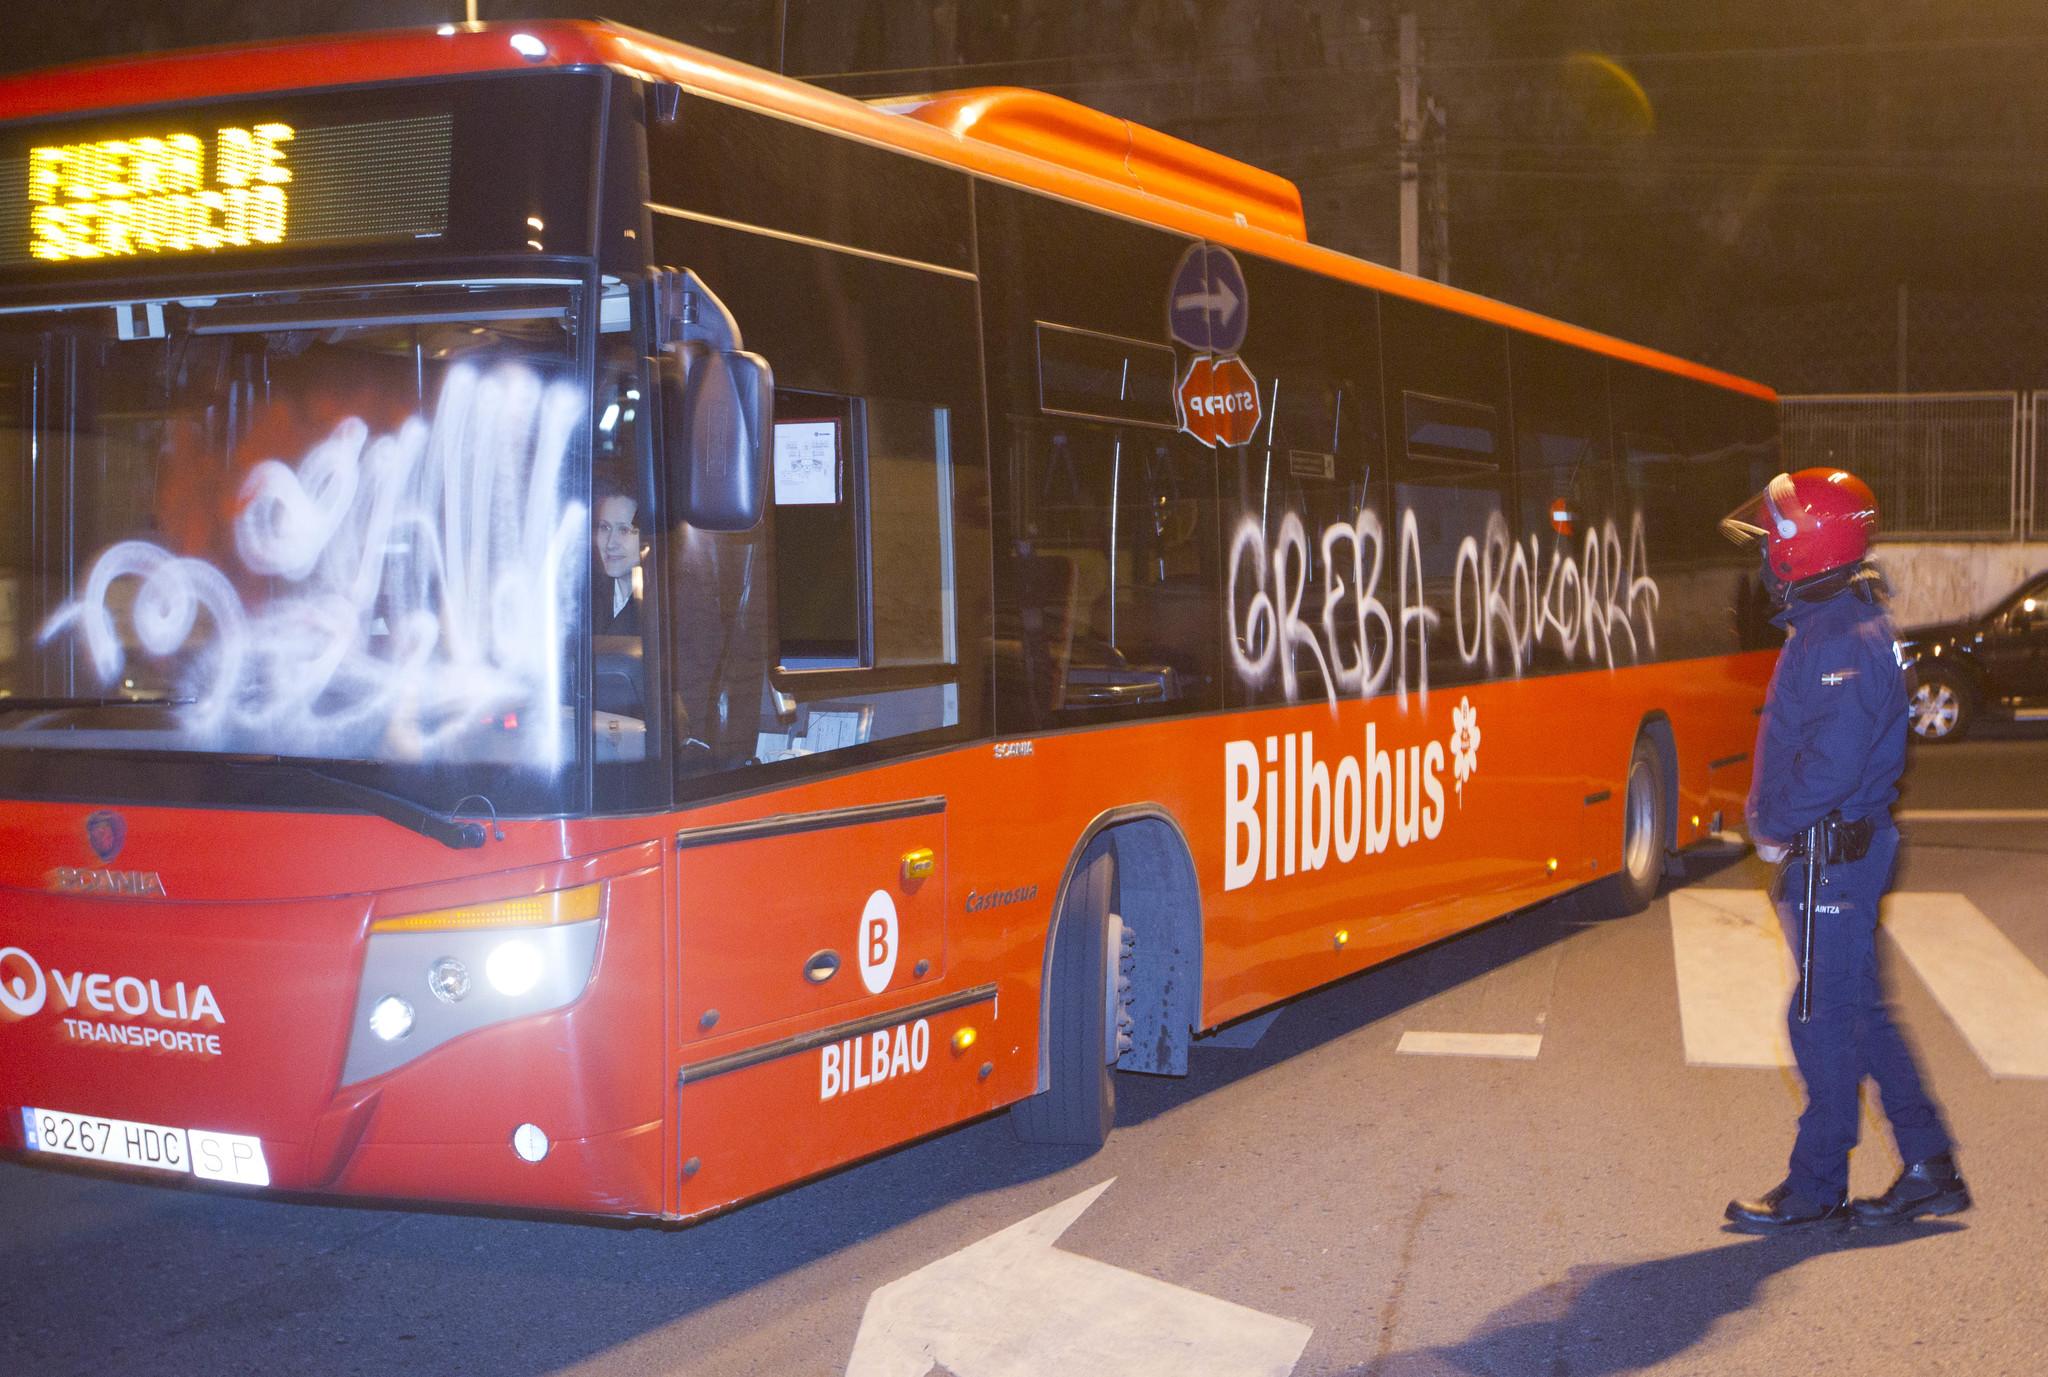 Un autobús de Bilbobus es custodiado por un ertzaina durante una protesta sindical contra la reforma laboral.